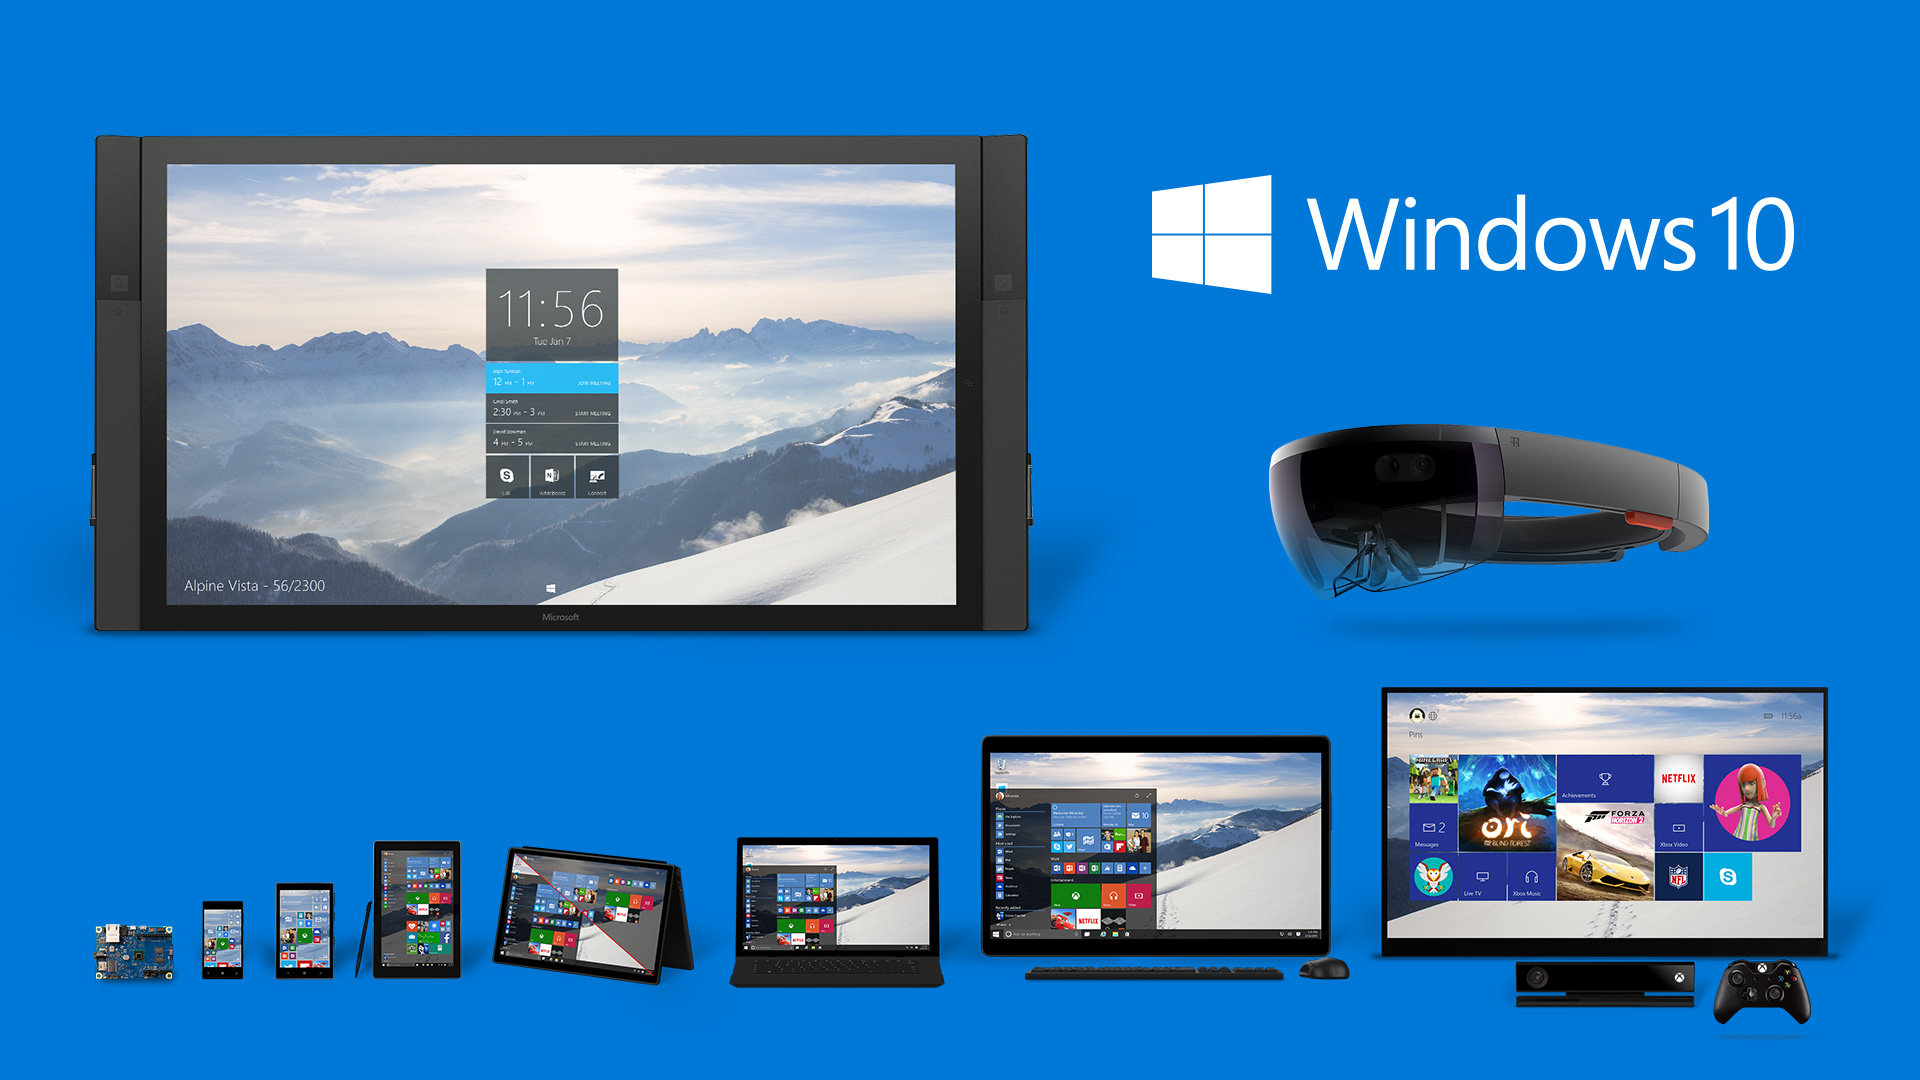 Windows 10 có cập nhật lớn: Điều chỉnh nhiệt độ màn hình để bảo vệ mắt, cải thiện Microsoft Edge và Windows Defender